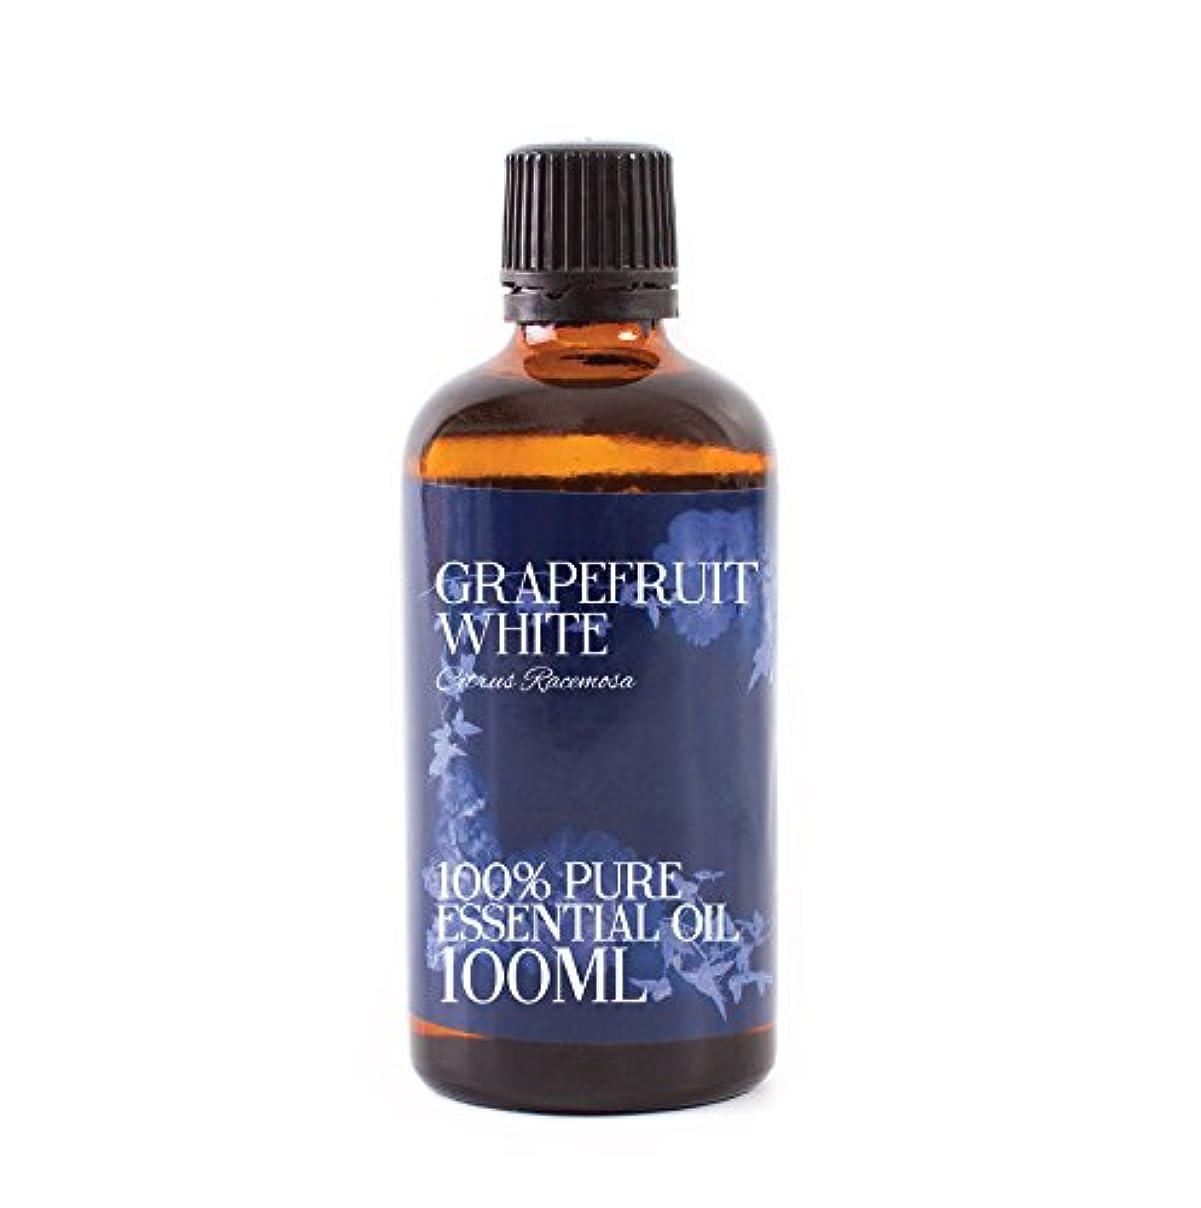 思い出すクラフト東部Mystic Moments | Grapefruit White Essential Oil - 100ml - 100% Pure